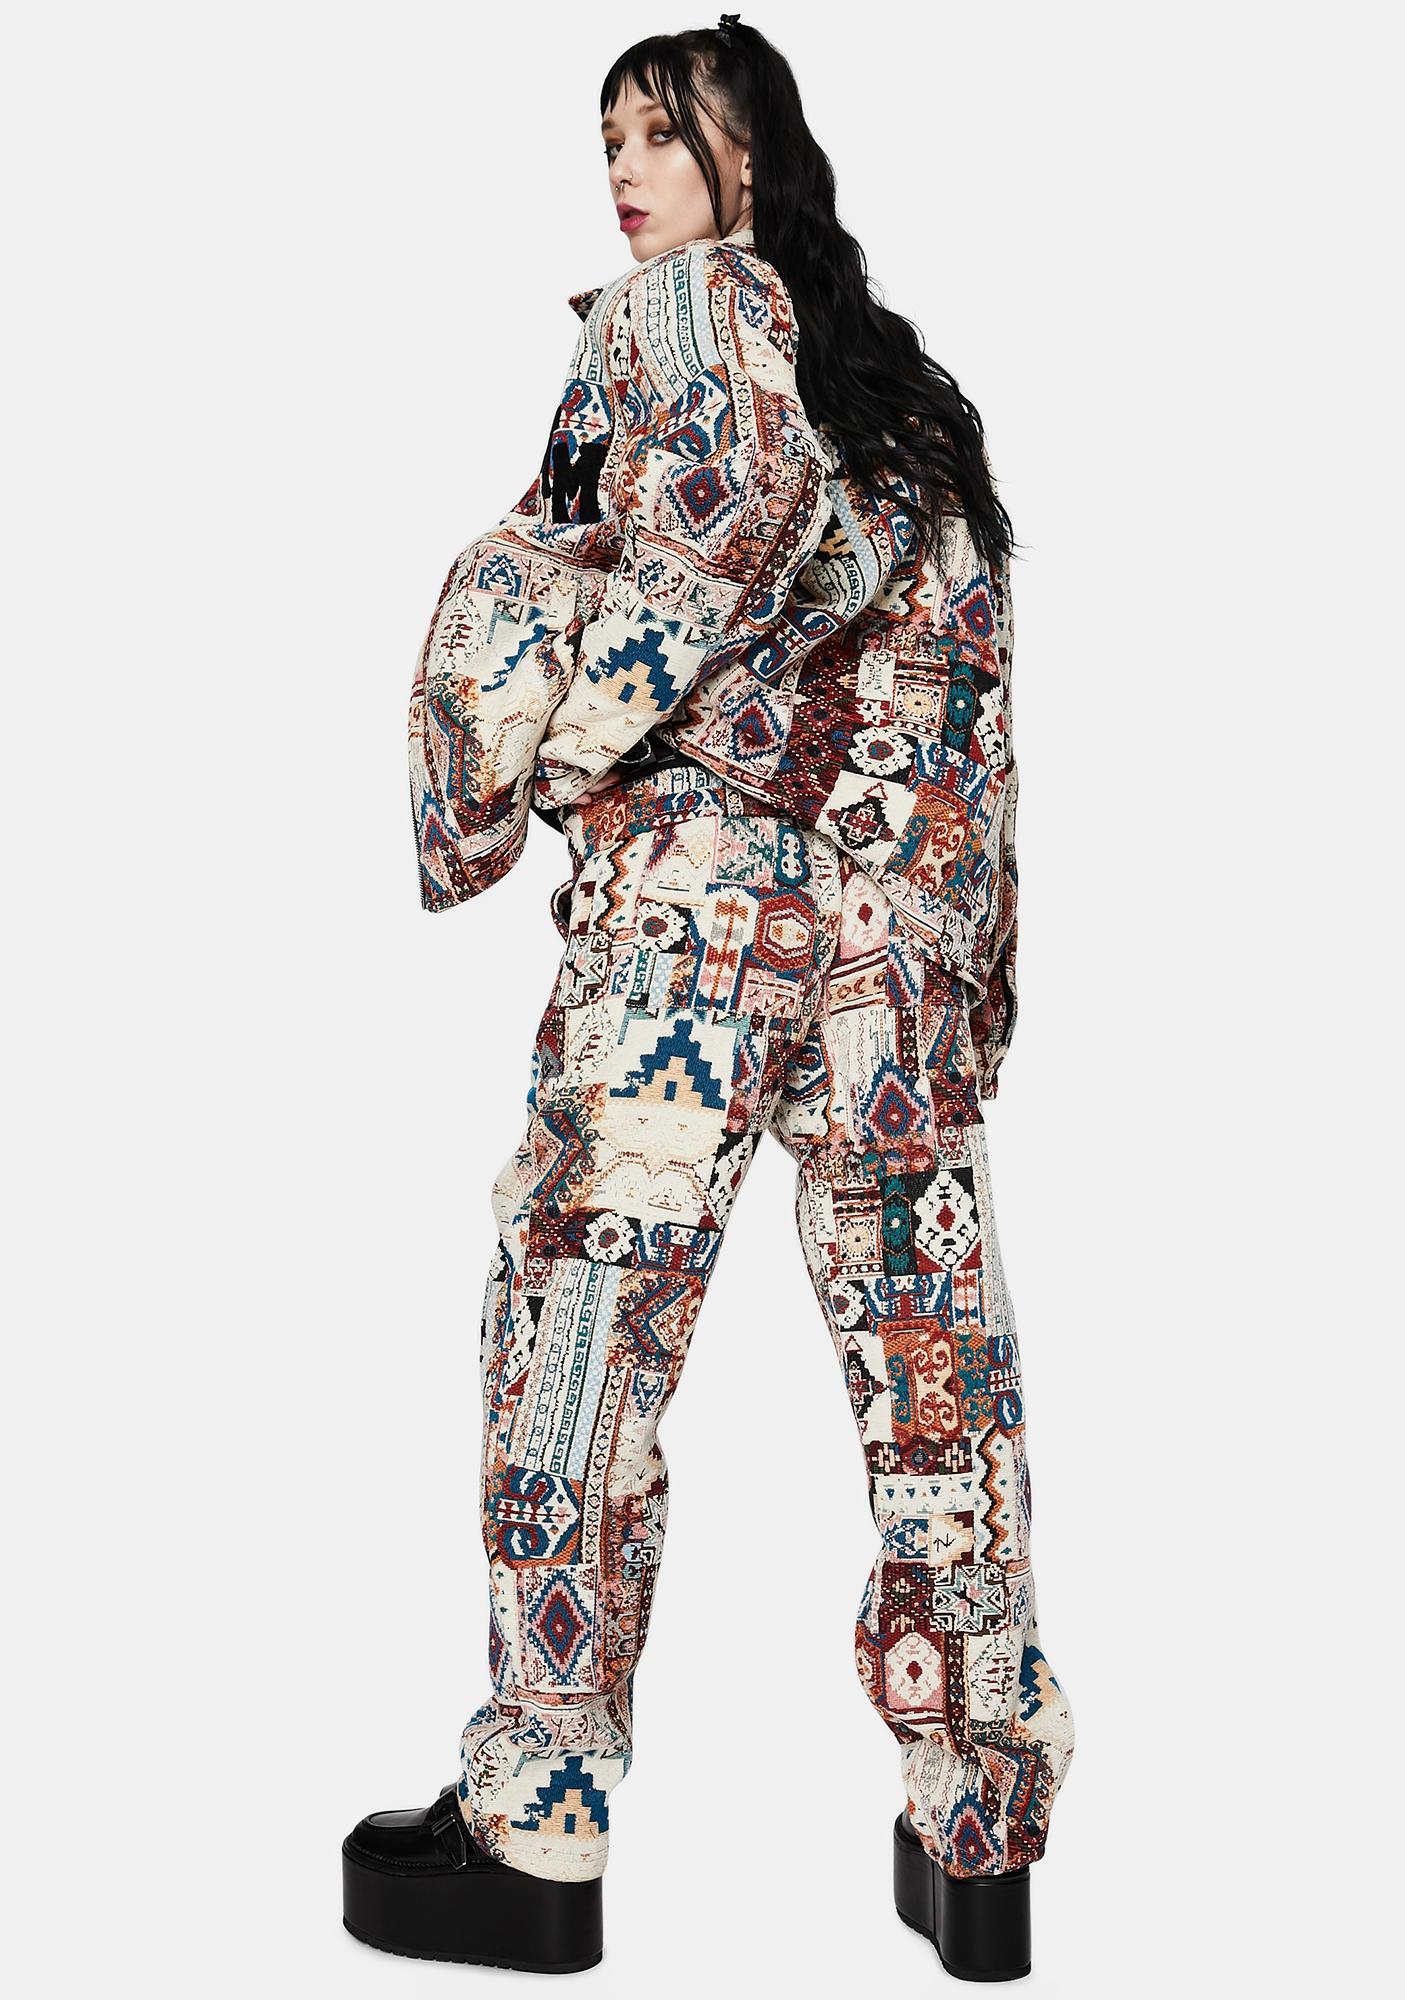 CHINATOWN MARKET Patchwork Pants